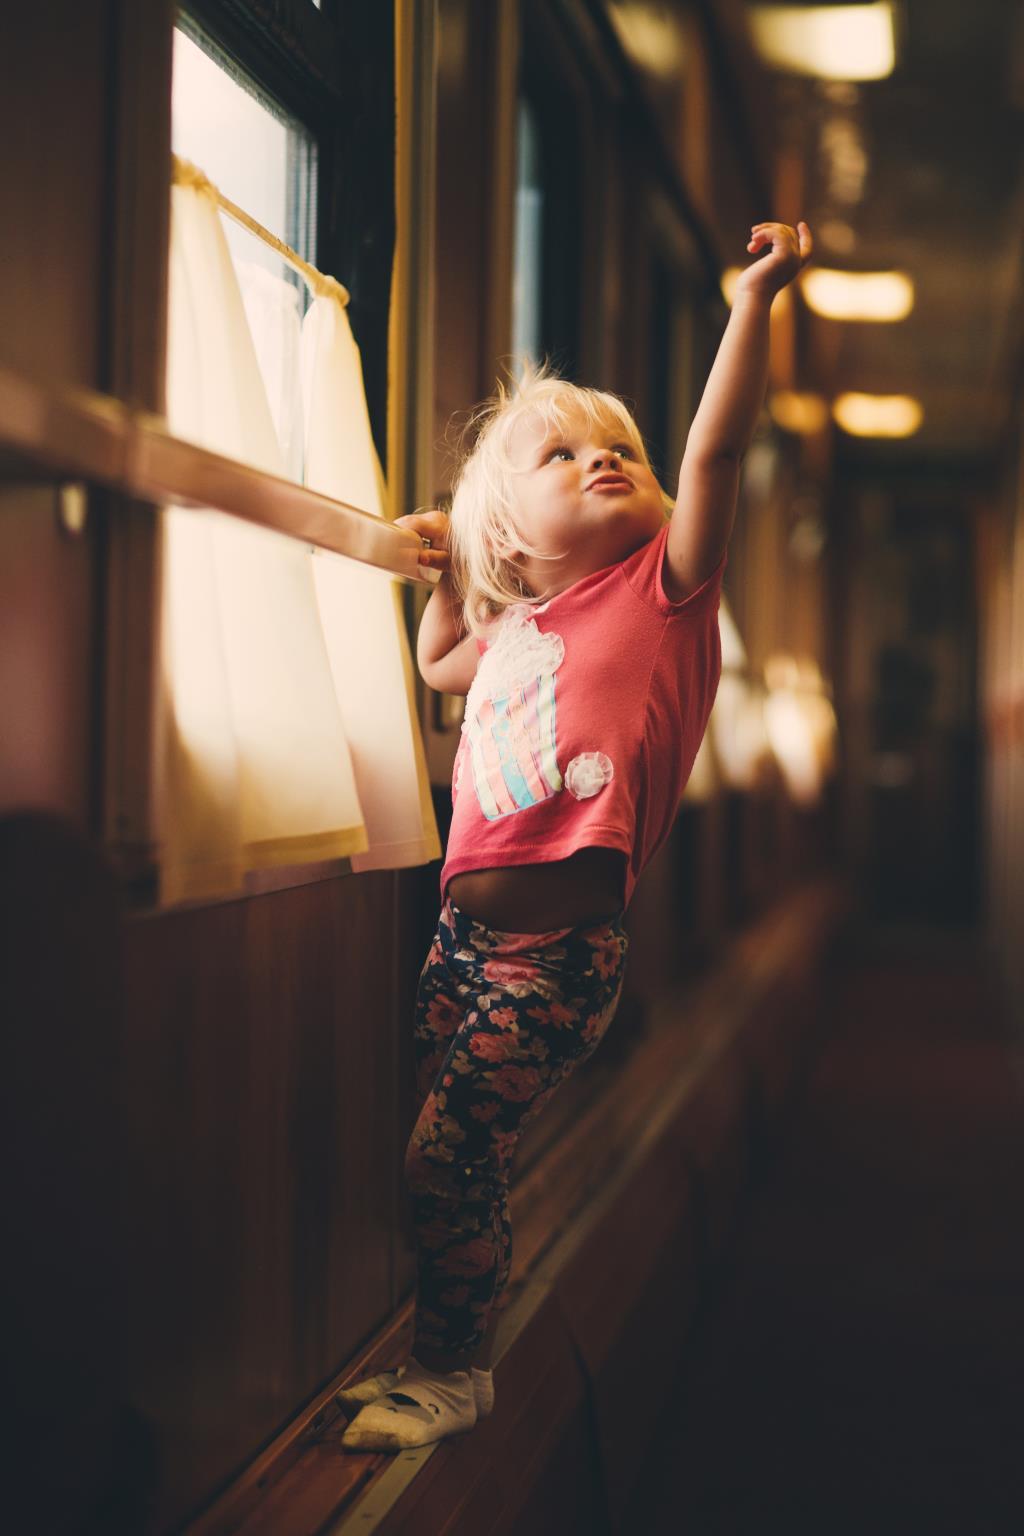 В поезде всегда тепло. Открываем мир!